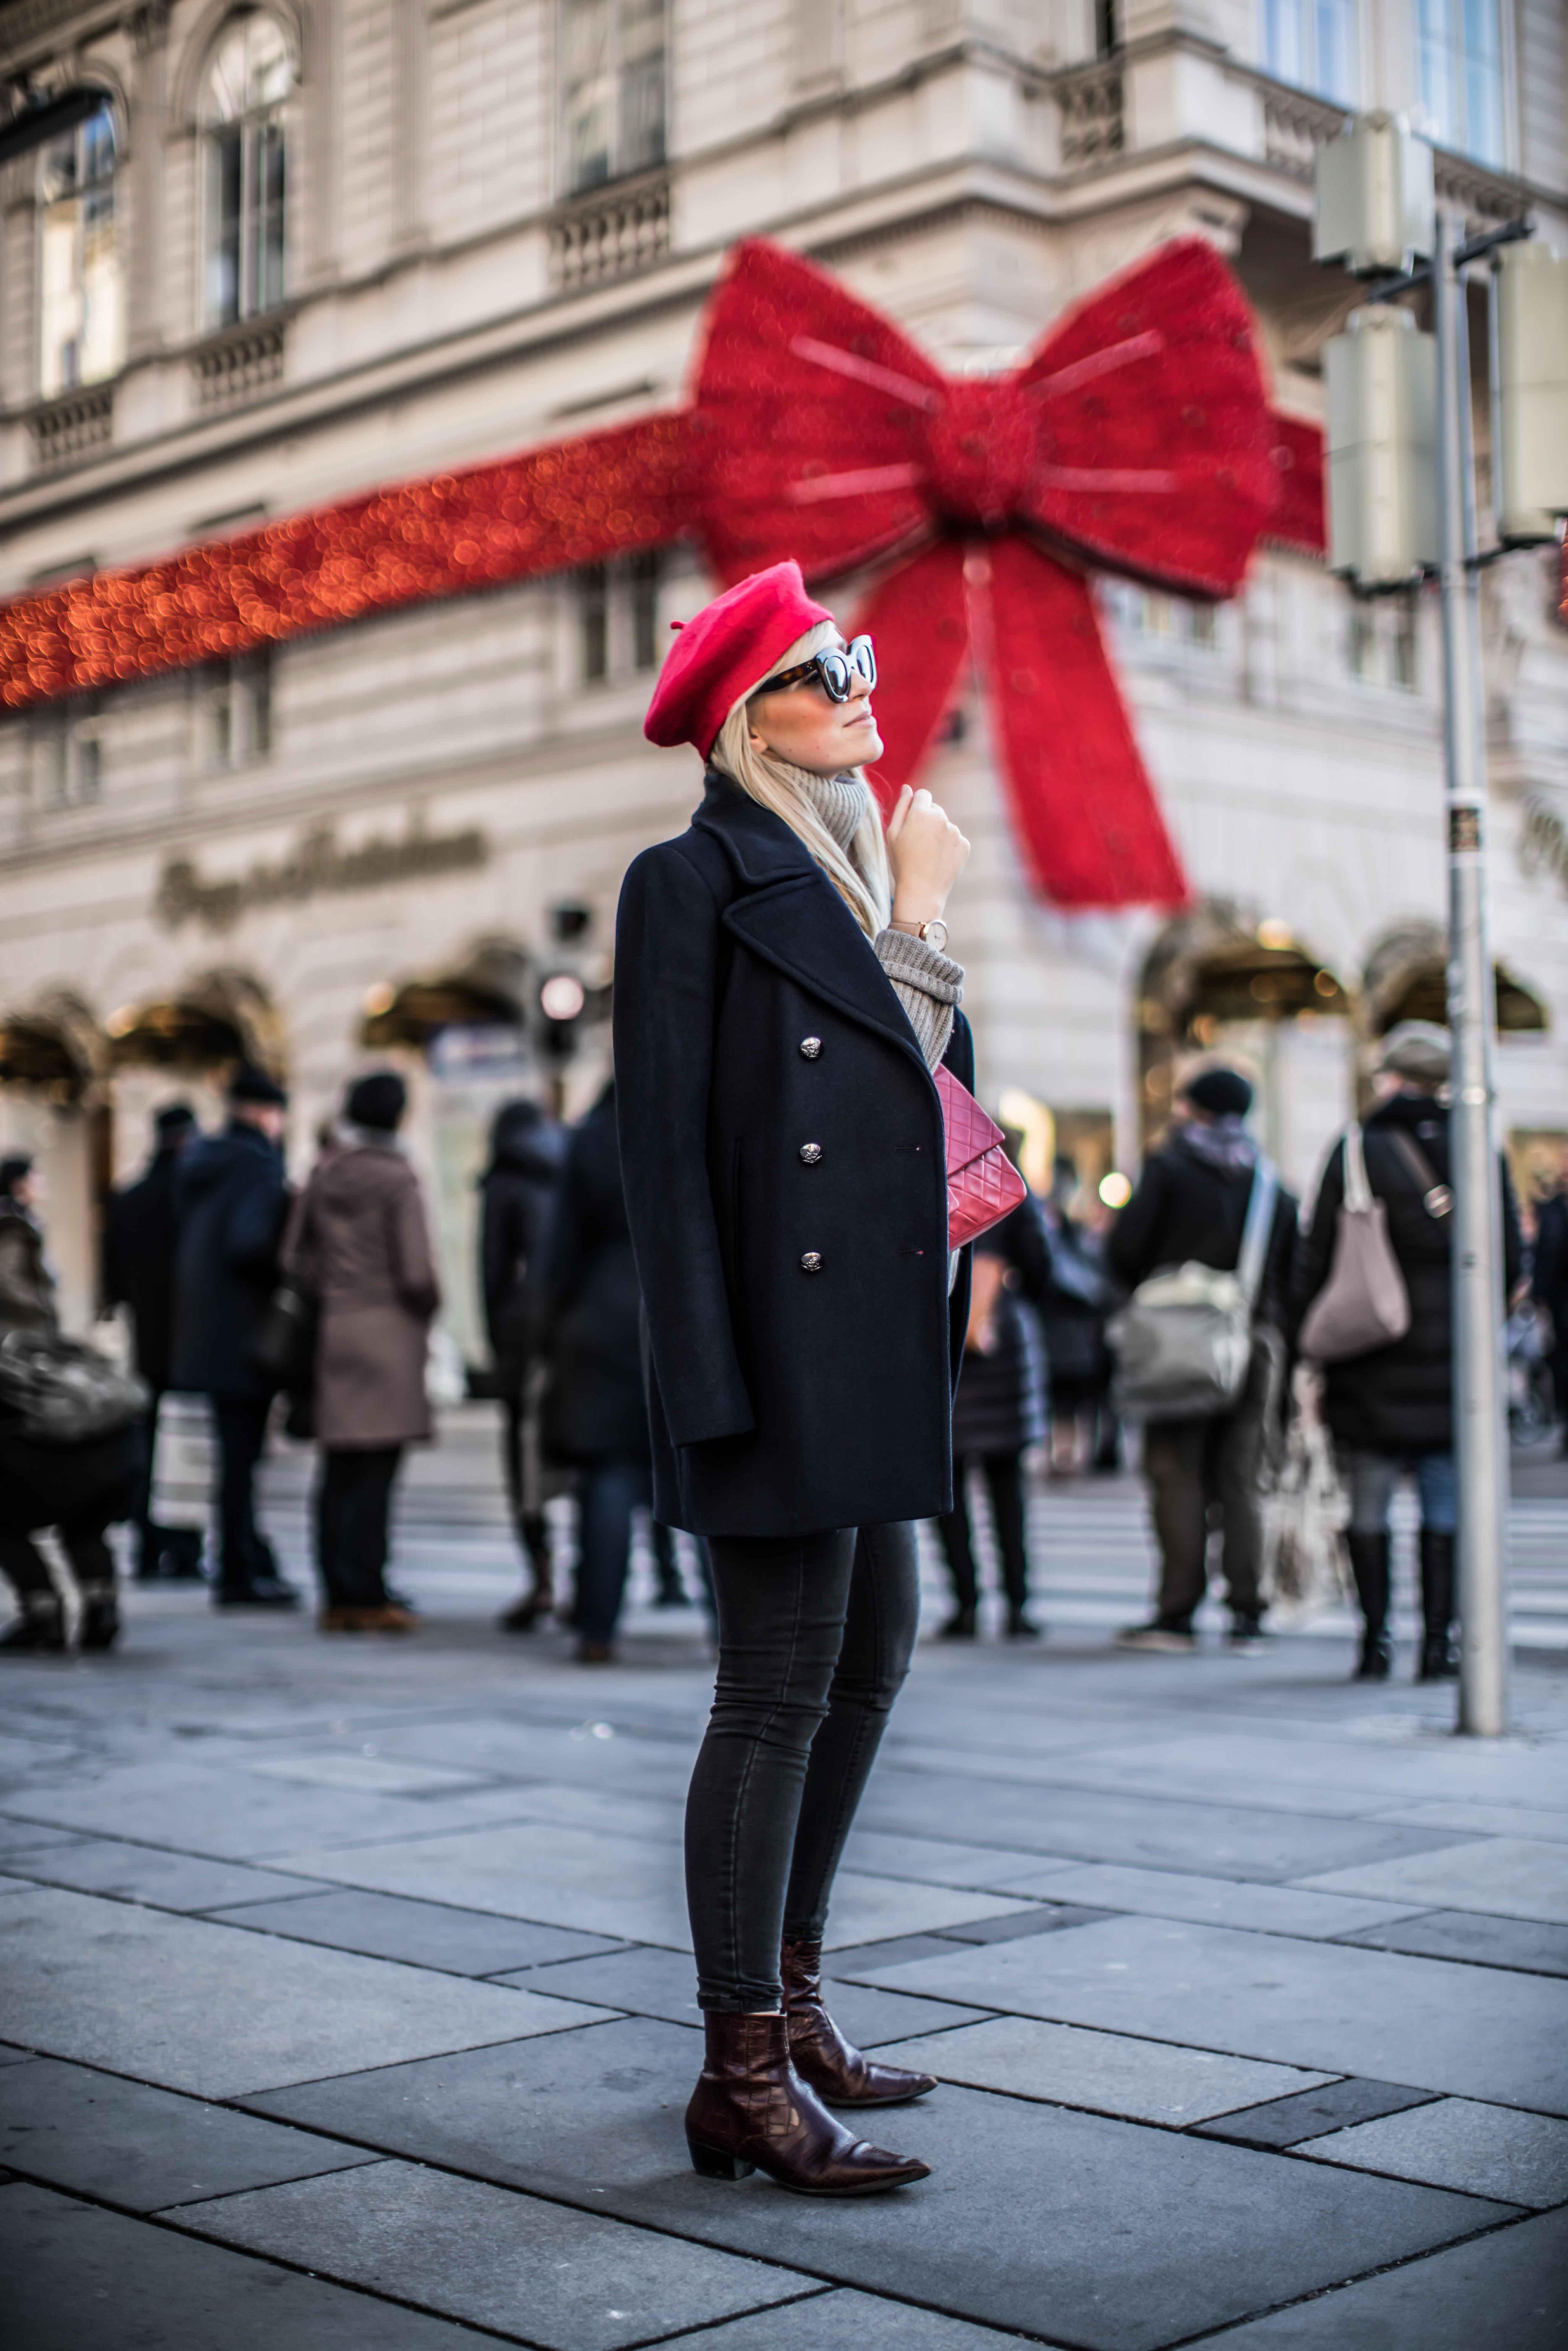 weihnachtsgeschenke shoppen Weihnachten christmas outfit